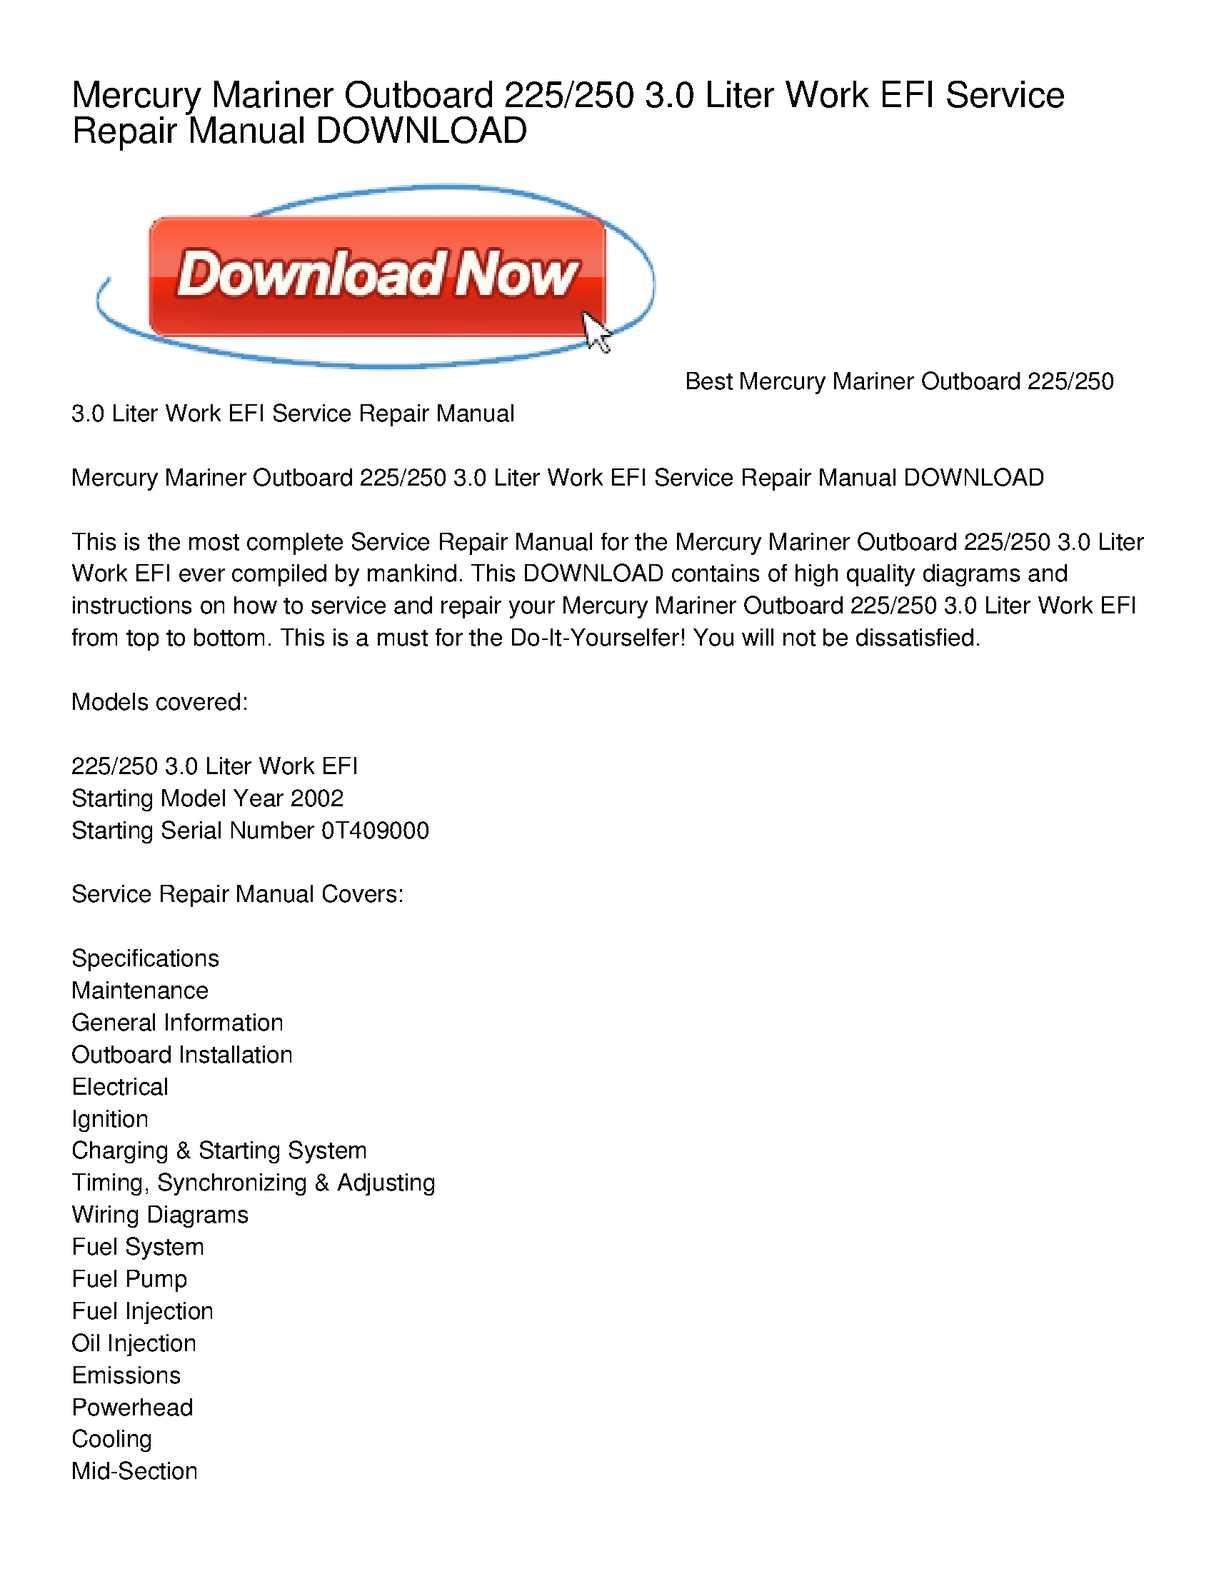 Calamo Mercury Mariner Outboard 225 250 30 Liter Work Efi 4 3 Mercruiser Wiring Diagram Service Repair Manual Download